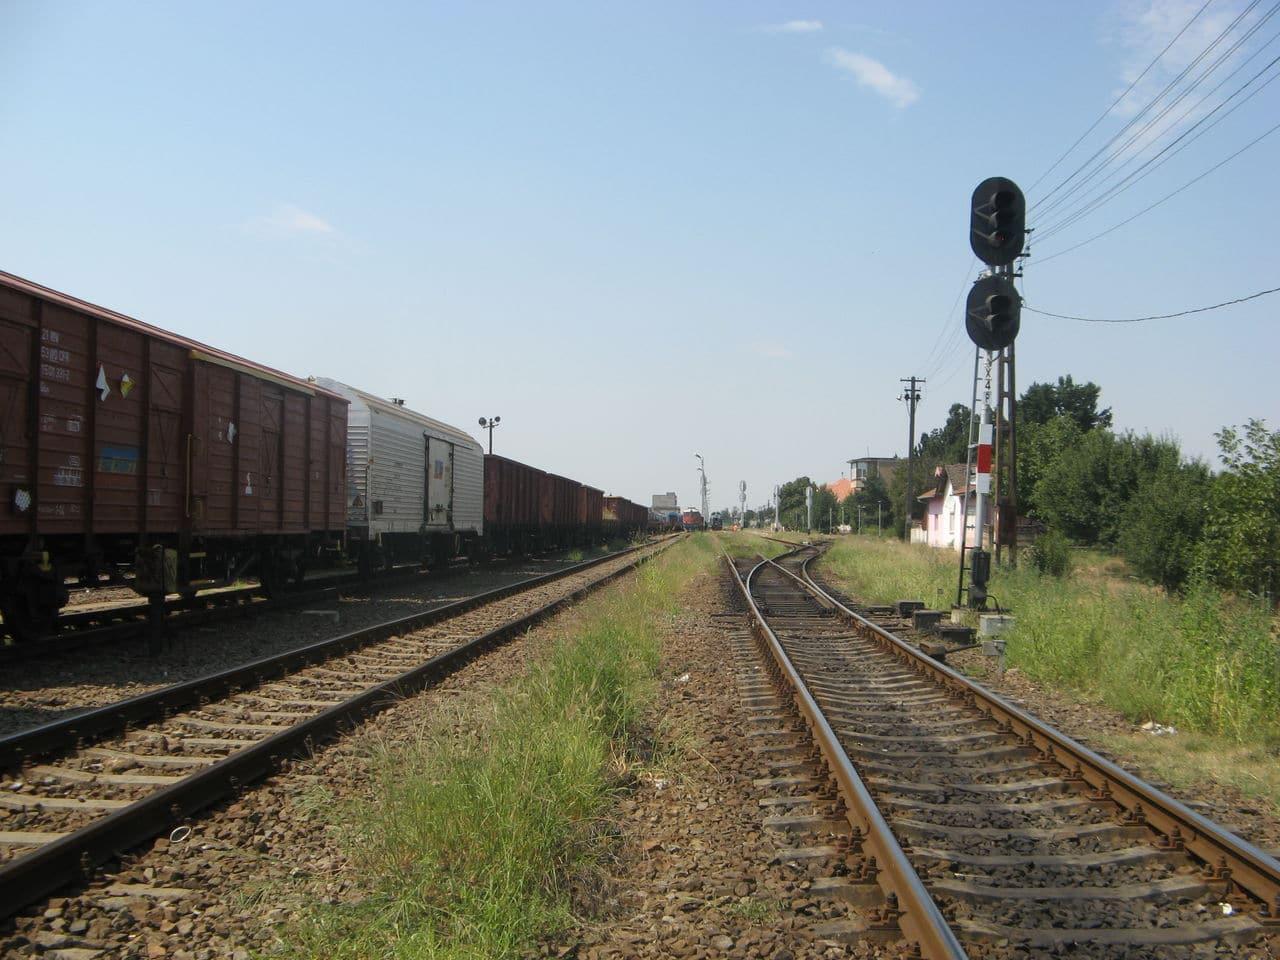 Calea ferată directă Oradea Vest - Episcopia Bihor IMG_0075